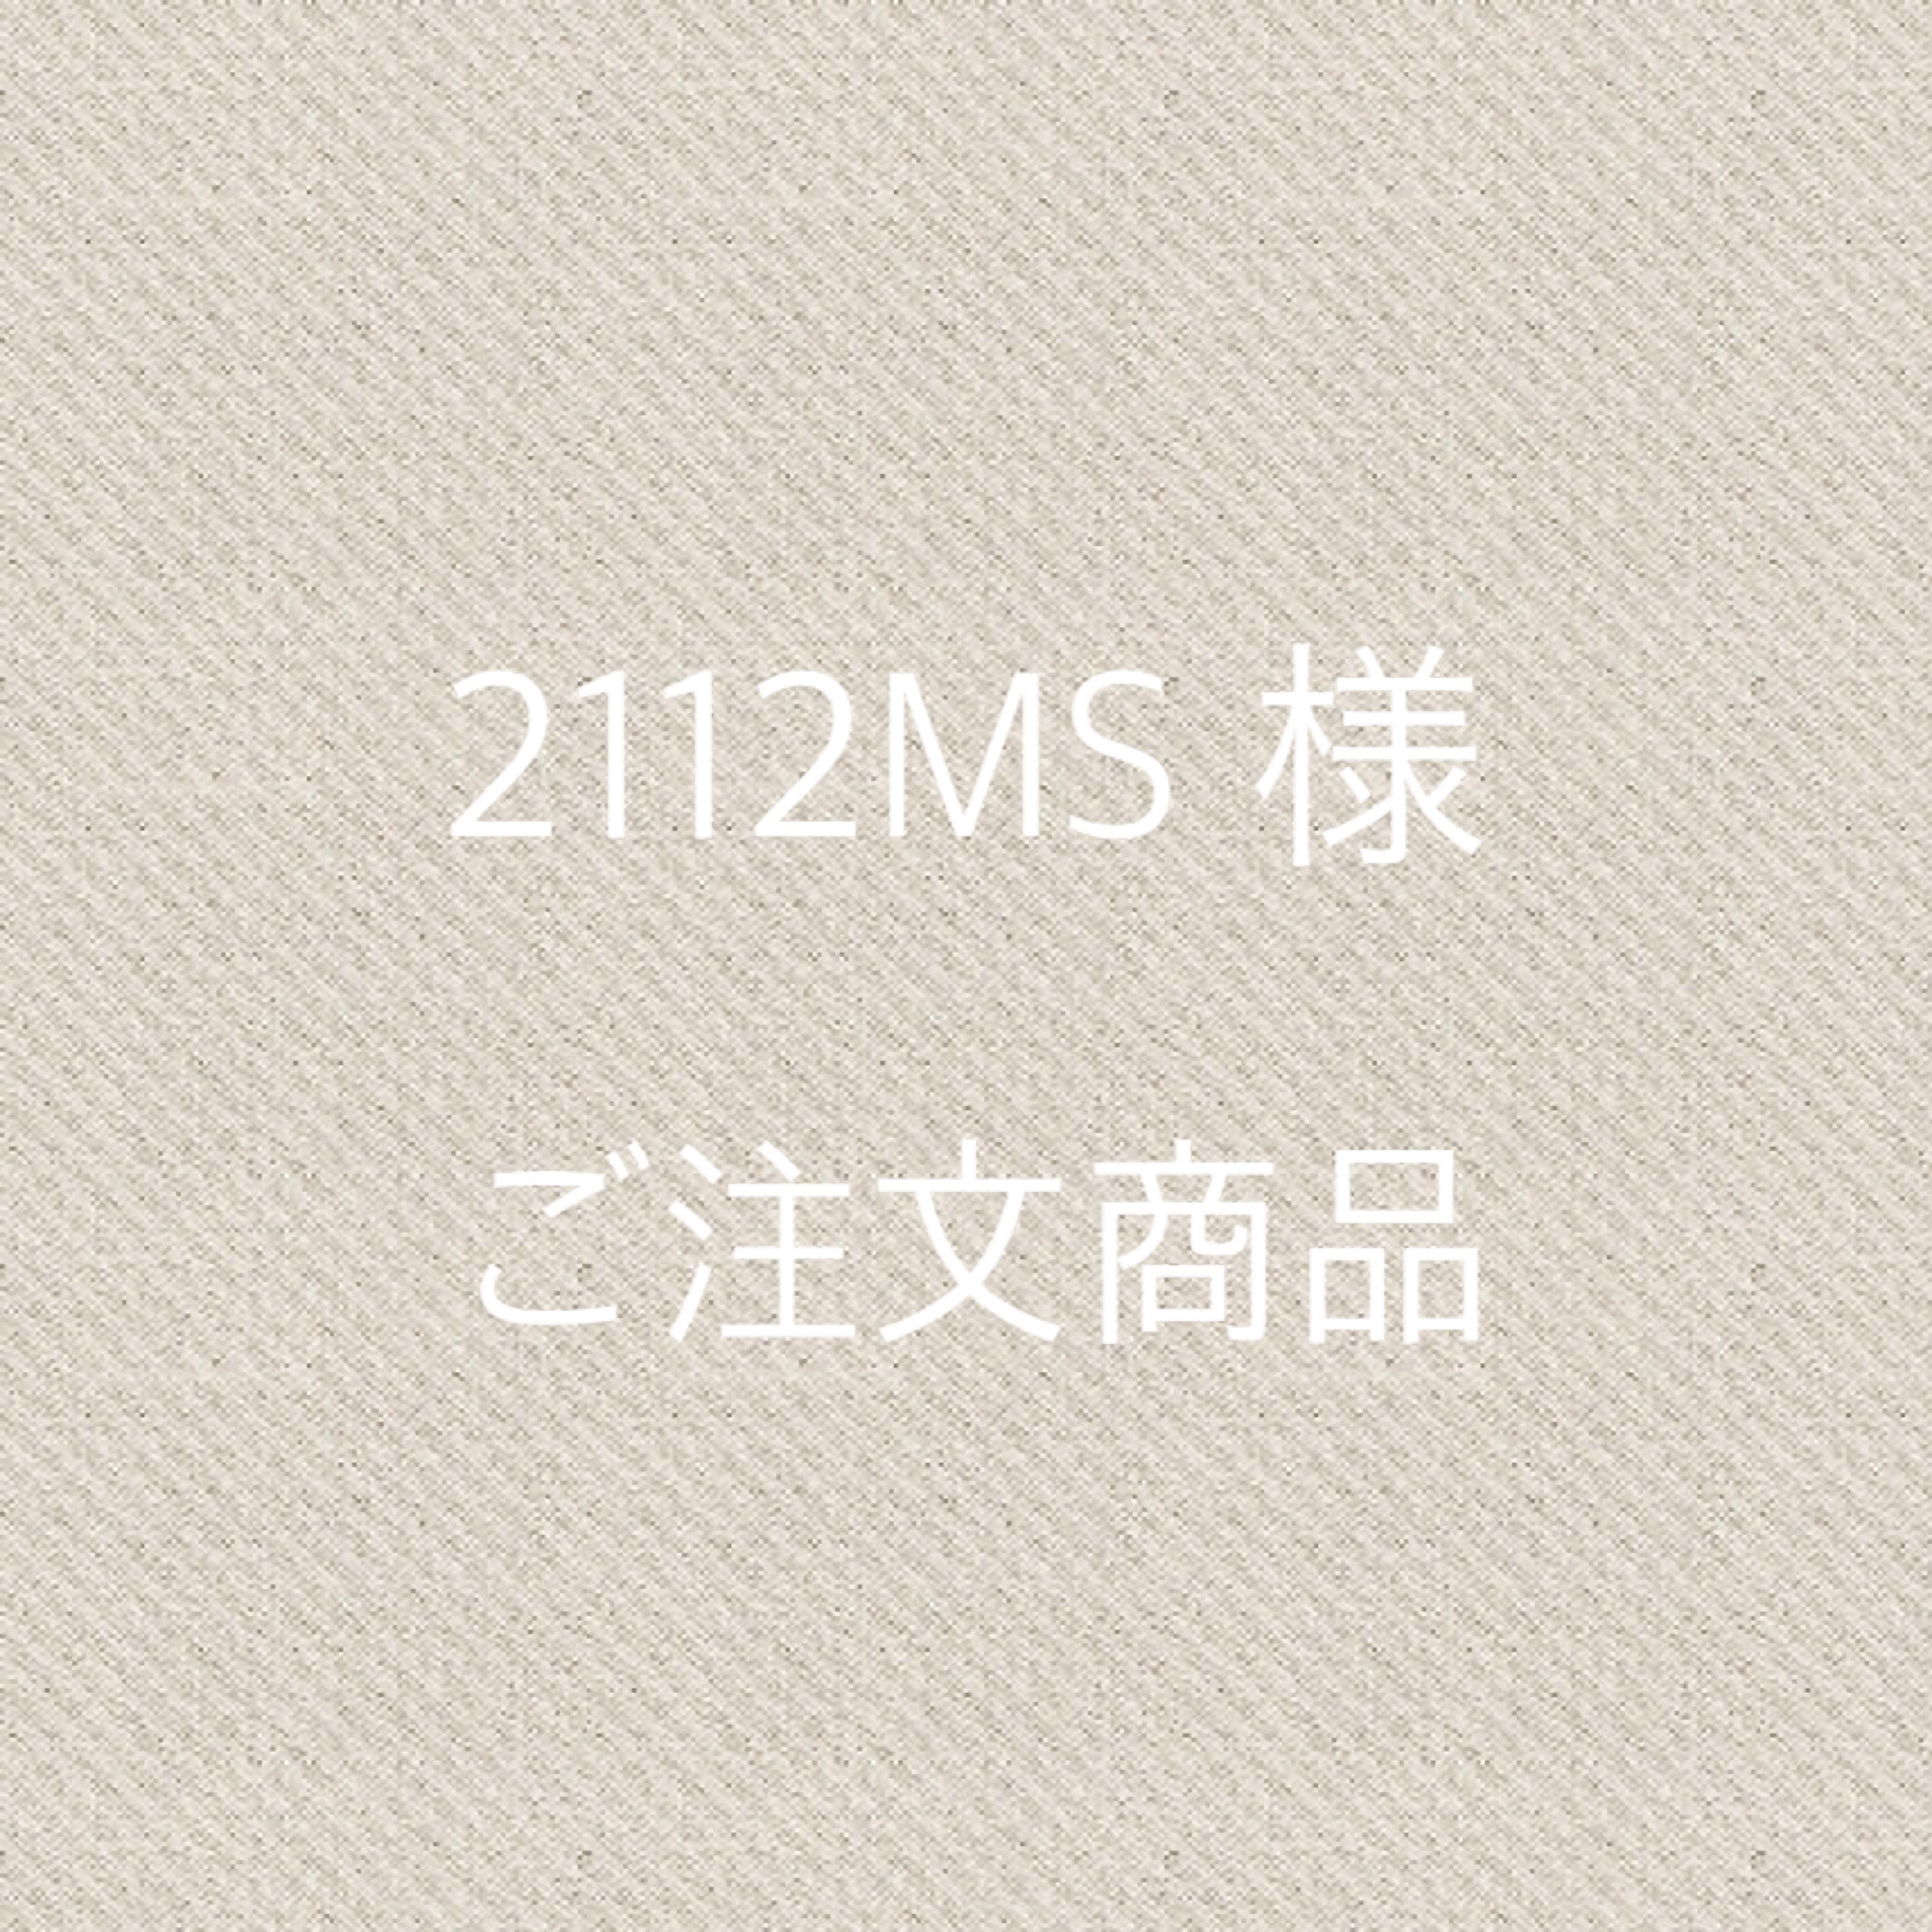 [ 2112MS 様 ] ご注文の商品となります。